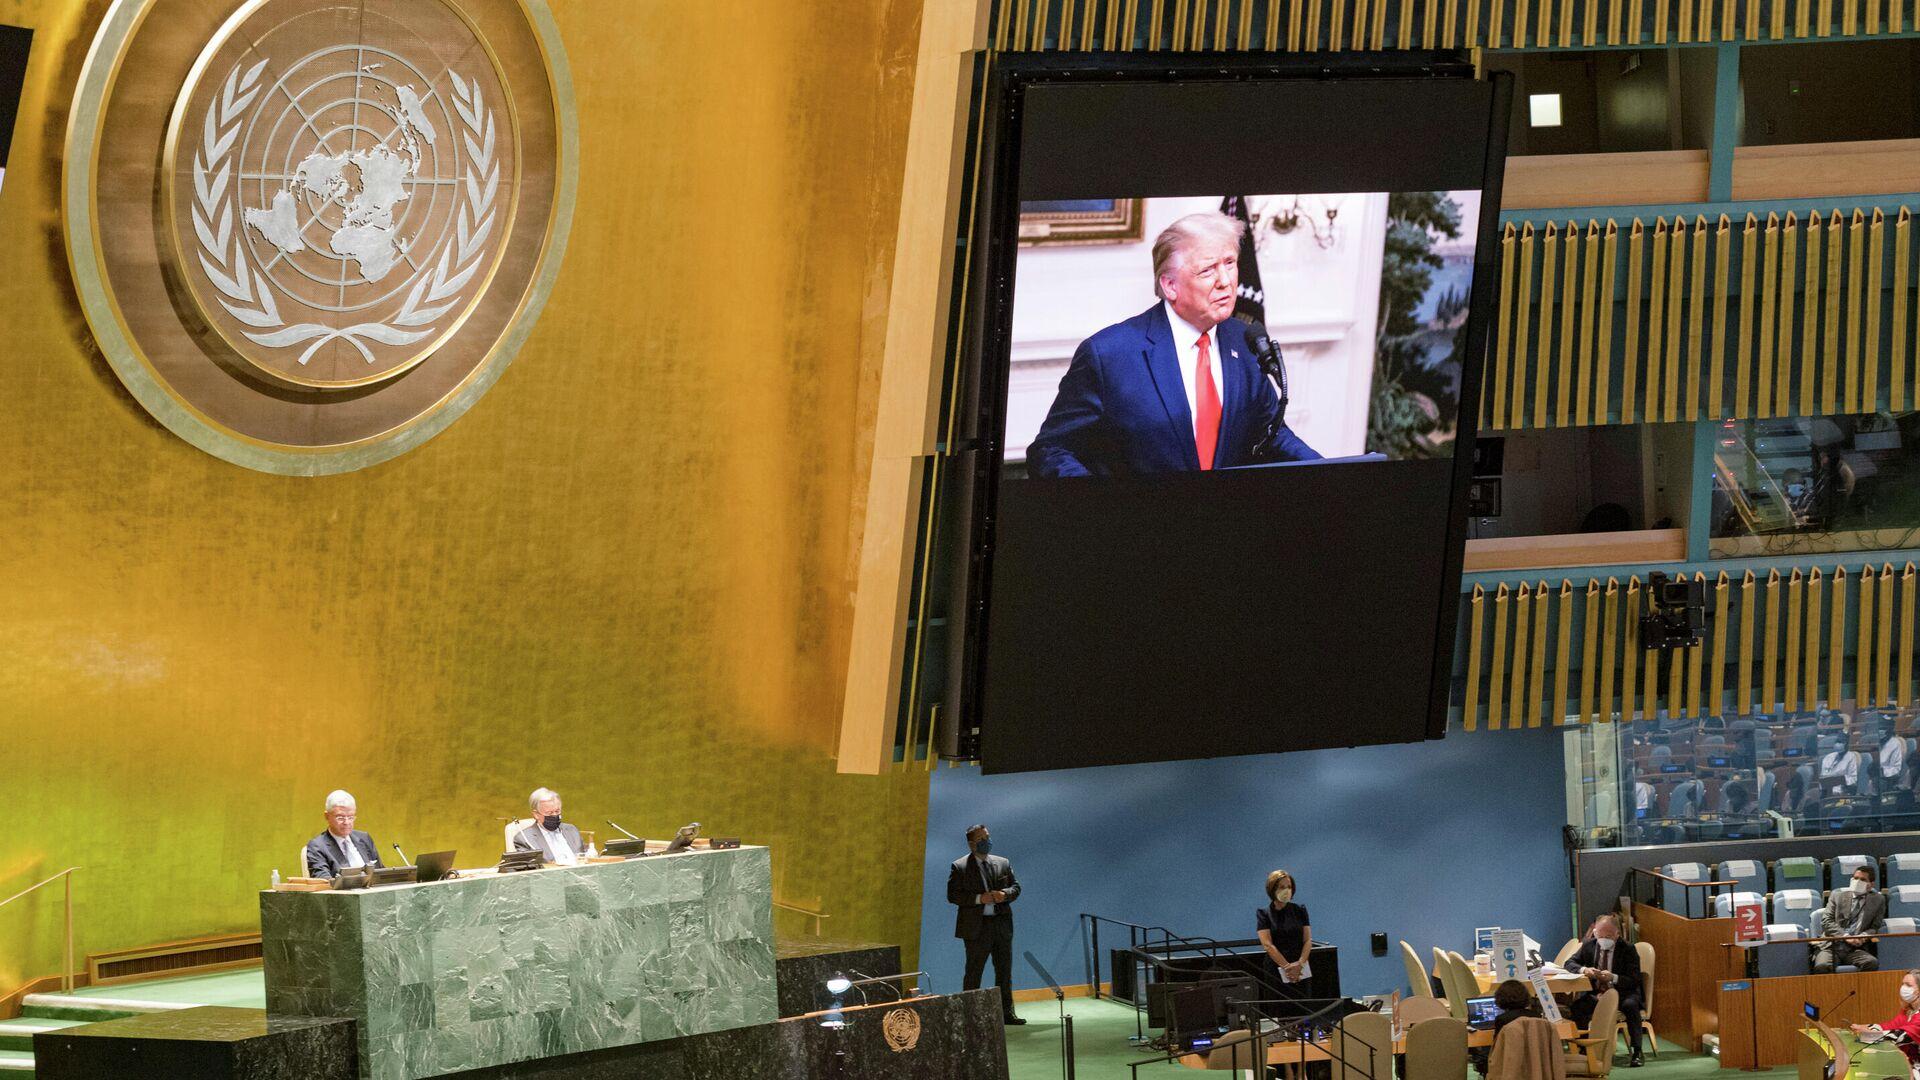 Трансляция обращения президента США Дональда Трампа к Генассамблее ООН - РИА Новости, 1920, 23.09.2020